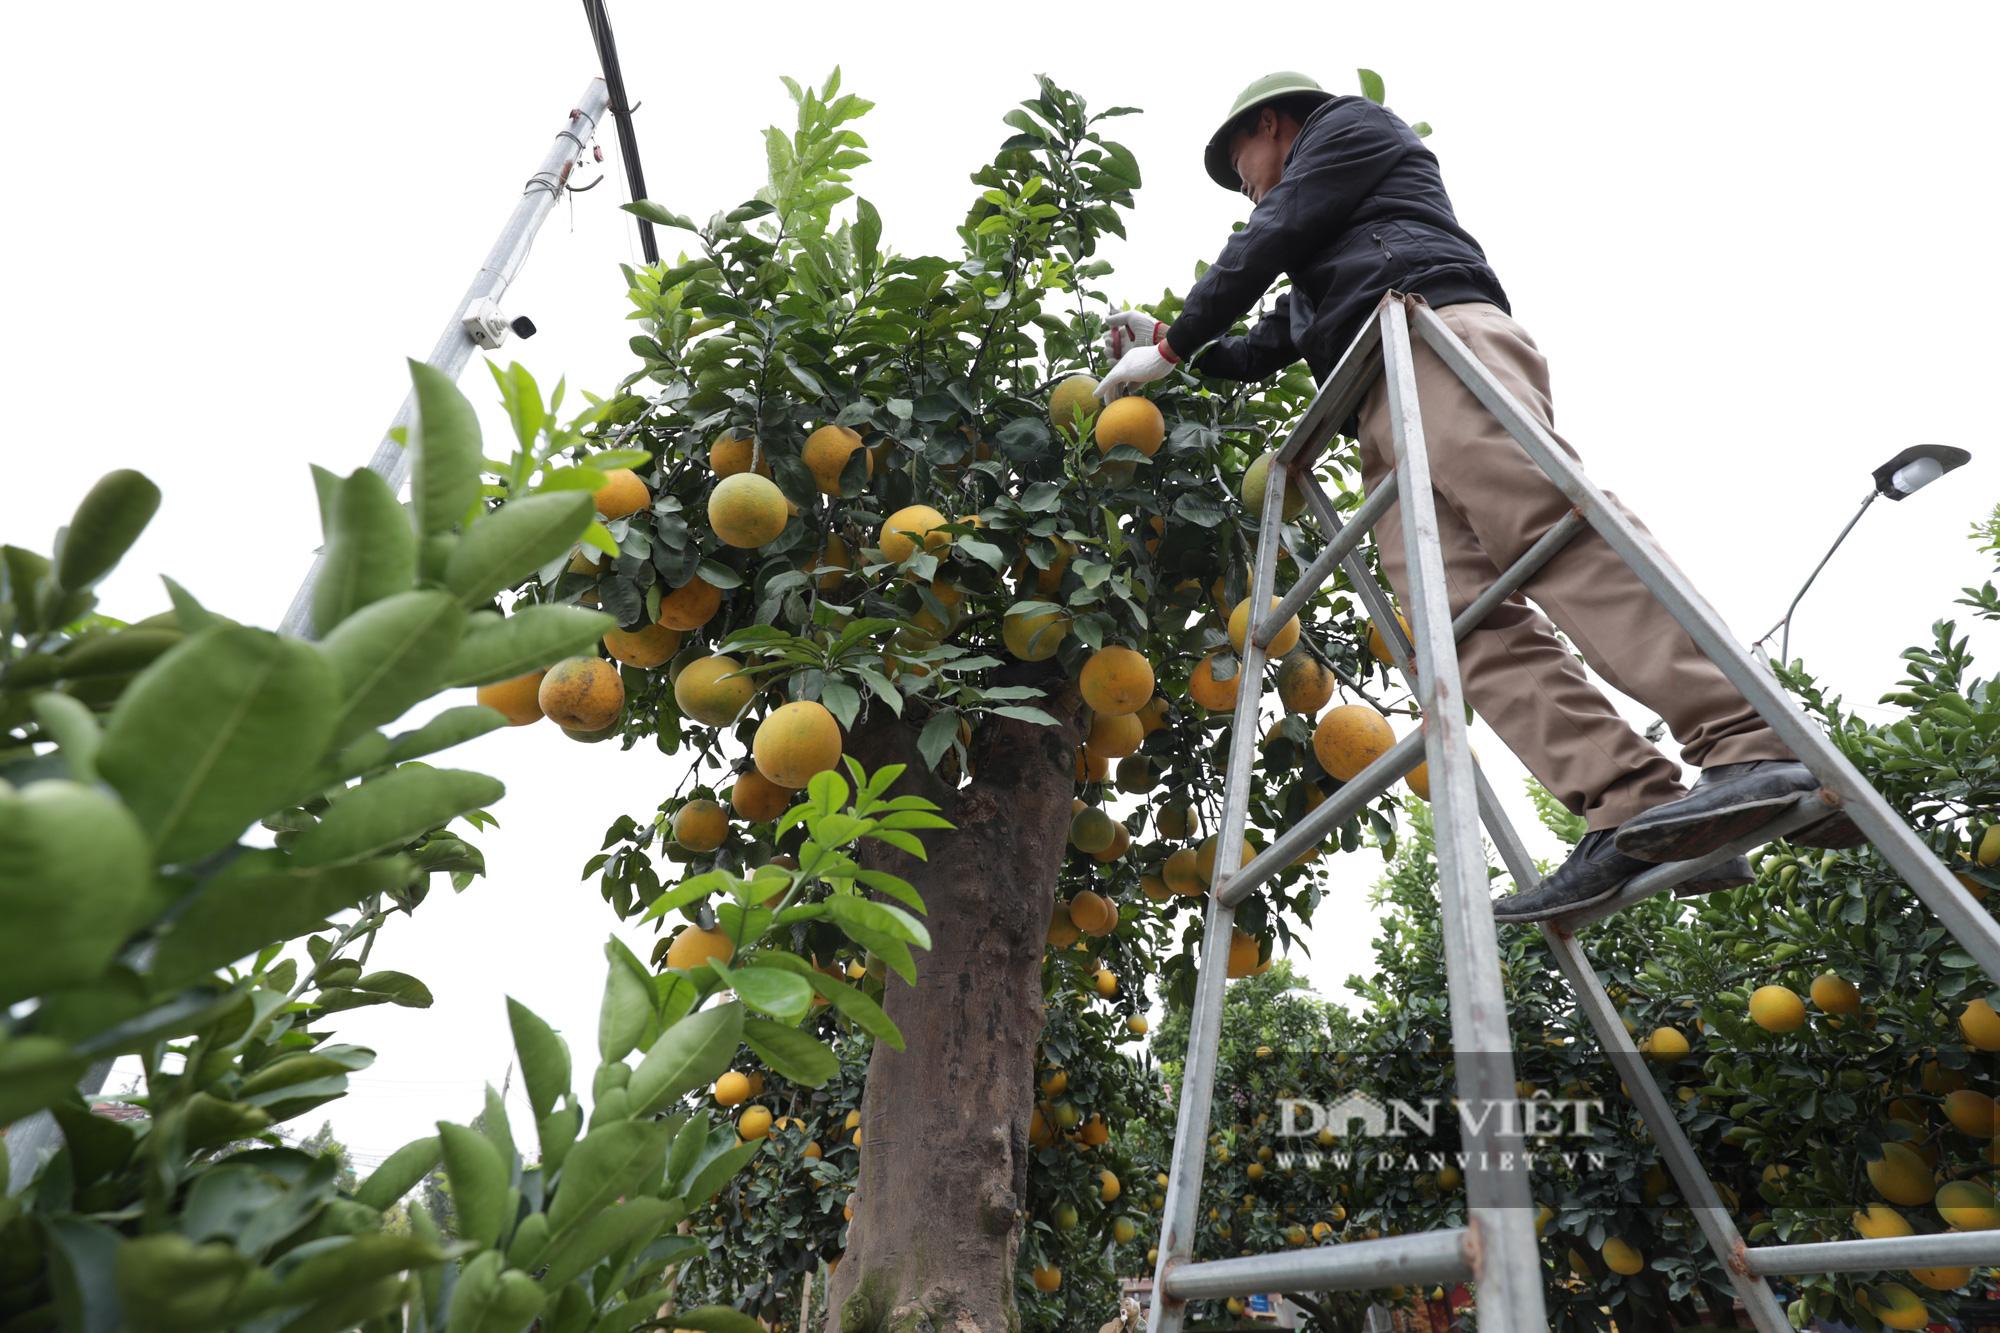 Đeo lúc lỉu hơn 200 quả trên cây: Bưởi cảnh khổng lồ 'hét' giá cho thuê gần 100 triệu đồng - Ảnh 6.